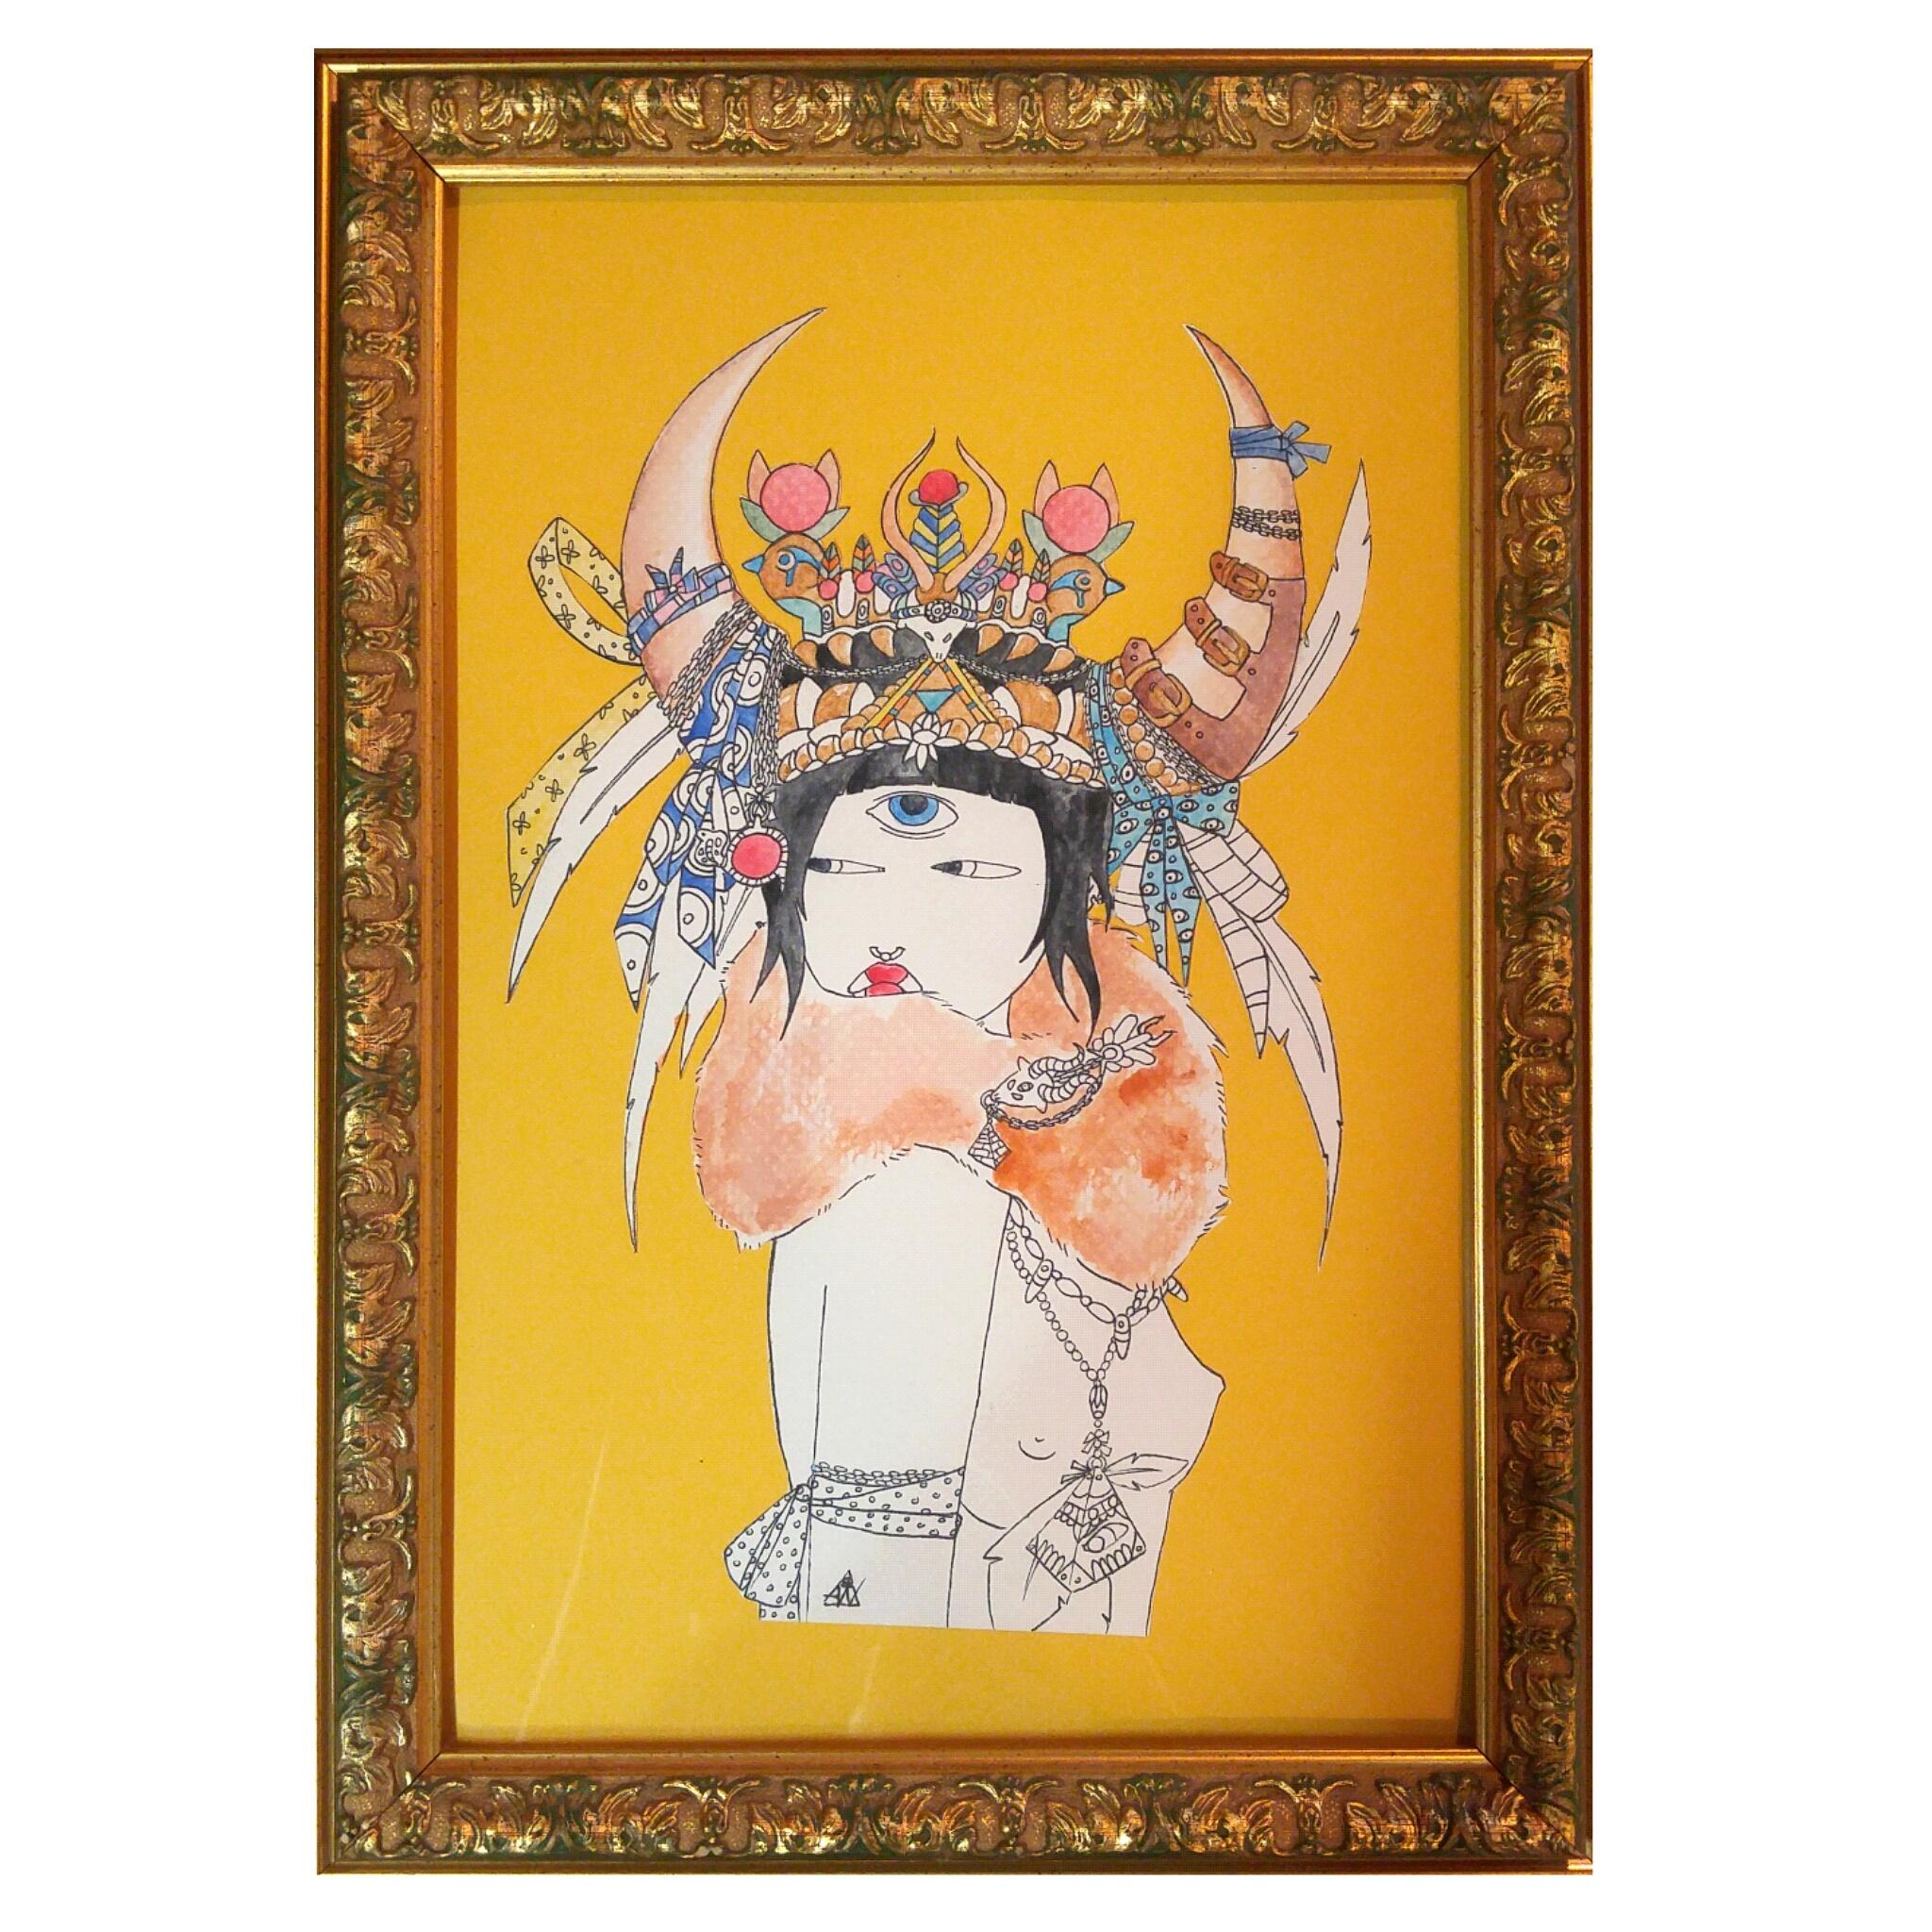 Original illustration of a Mystic in detailed vintage floral frame.